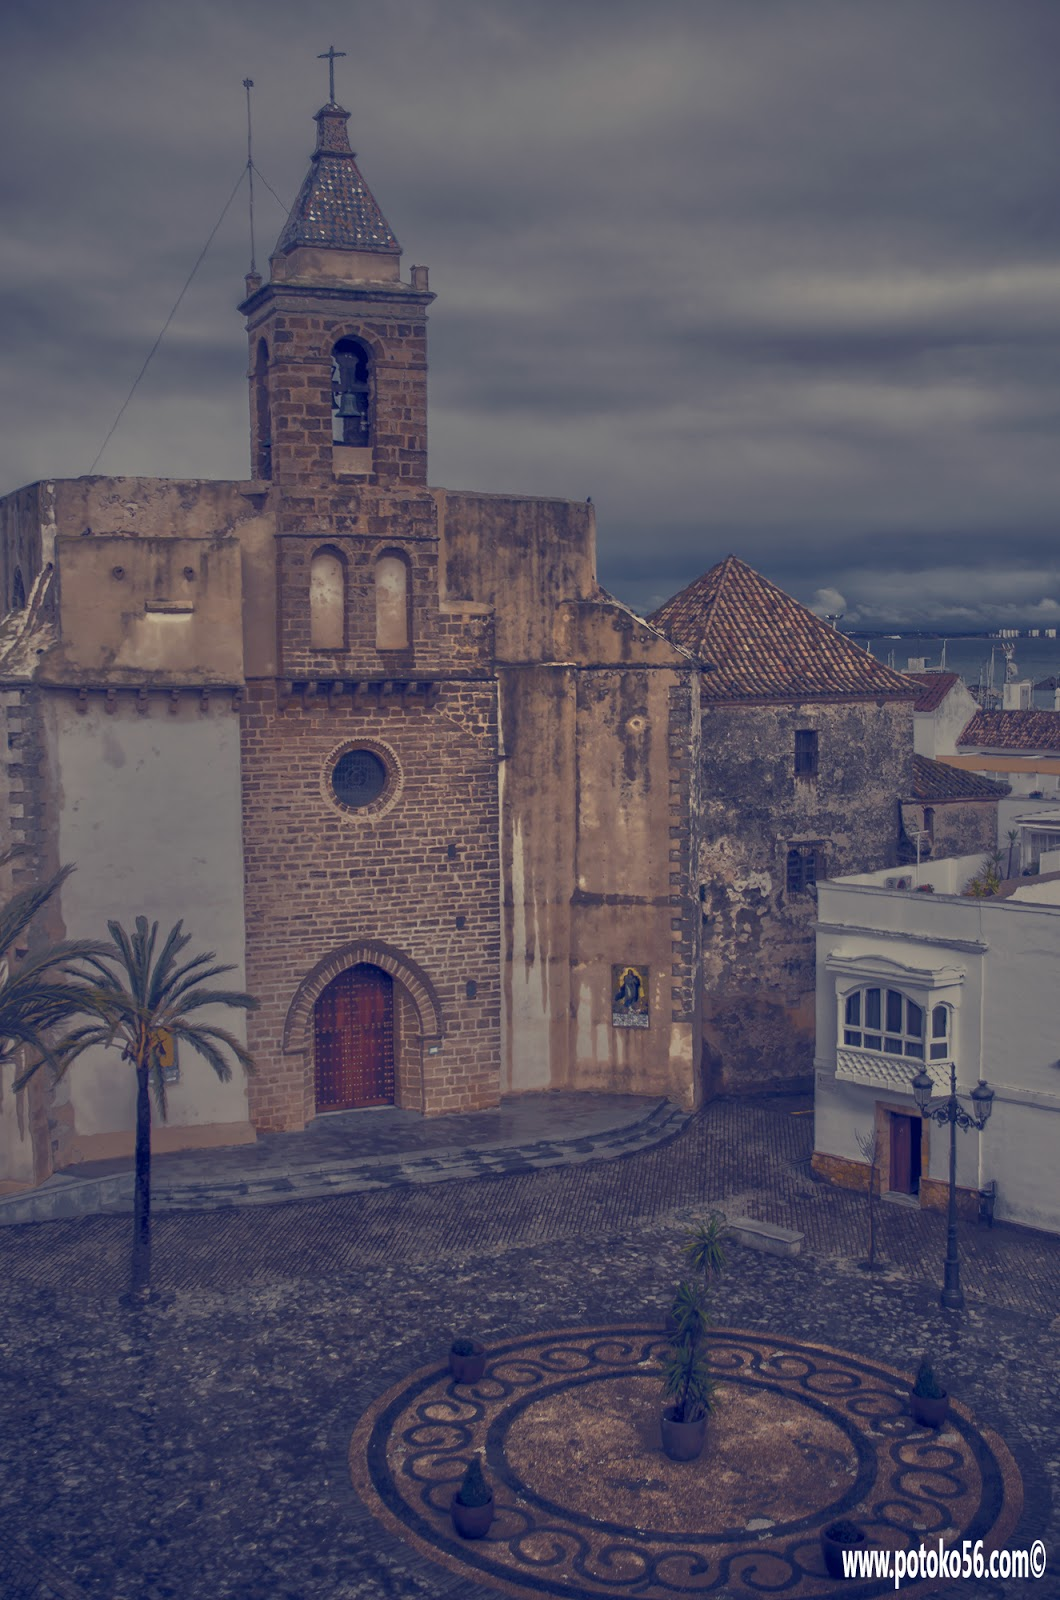 Iglesia Parroquial Ntra. Sra. de La O desde las almenas del Castillo de Luna Rota